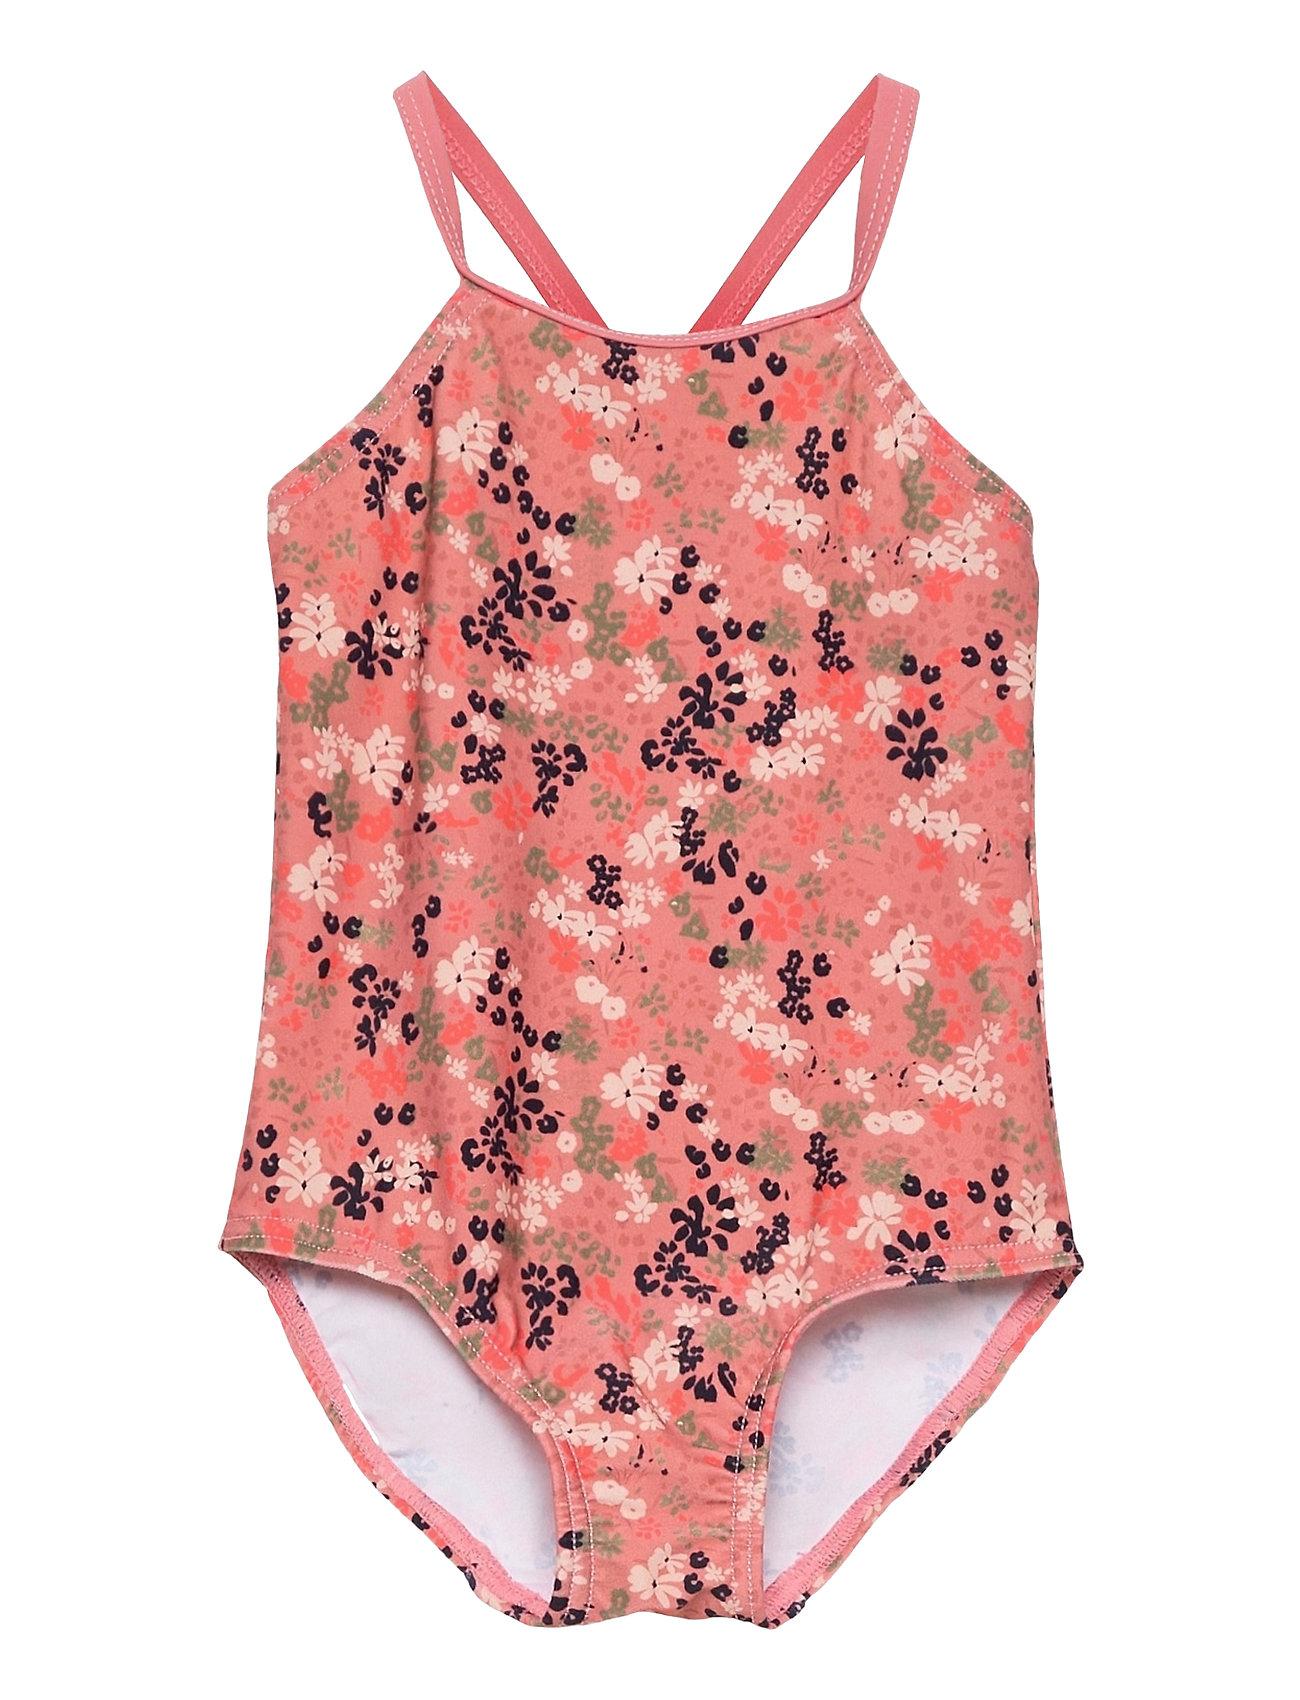 Image of Nmfziflower Swimsuit Badedragt Badetøj Lyserød Name It (3513567675)